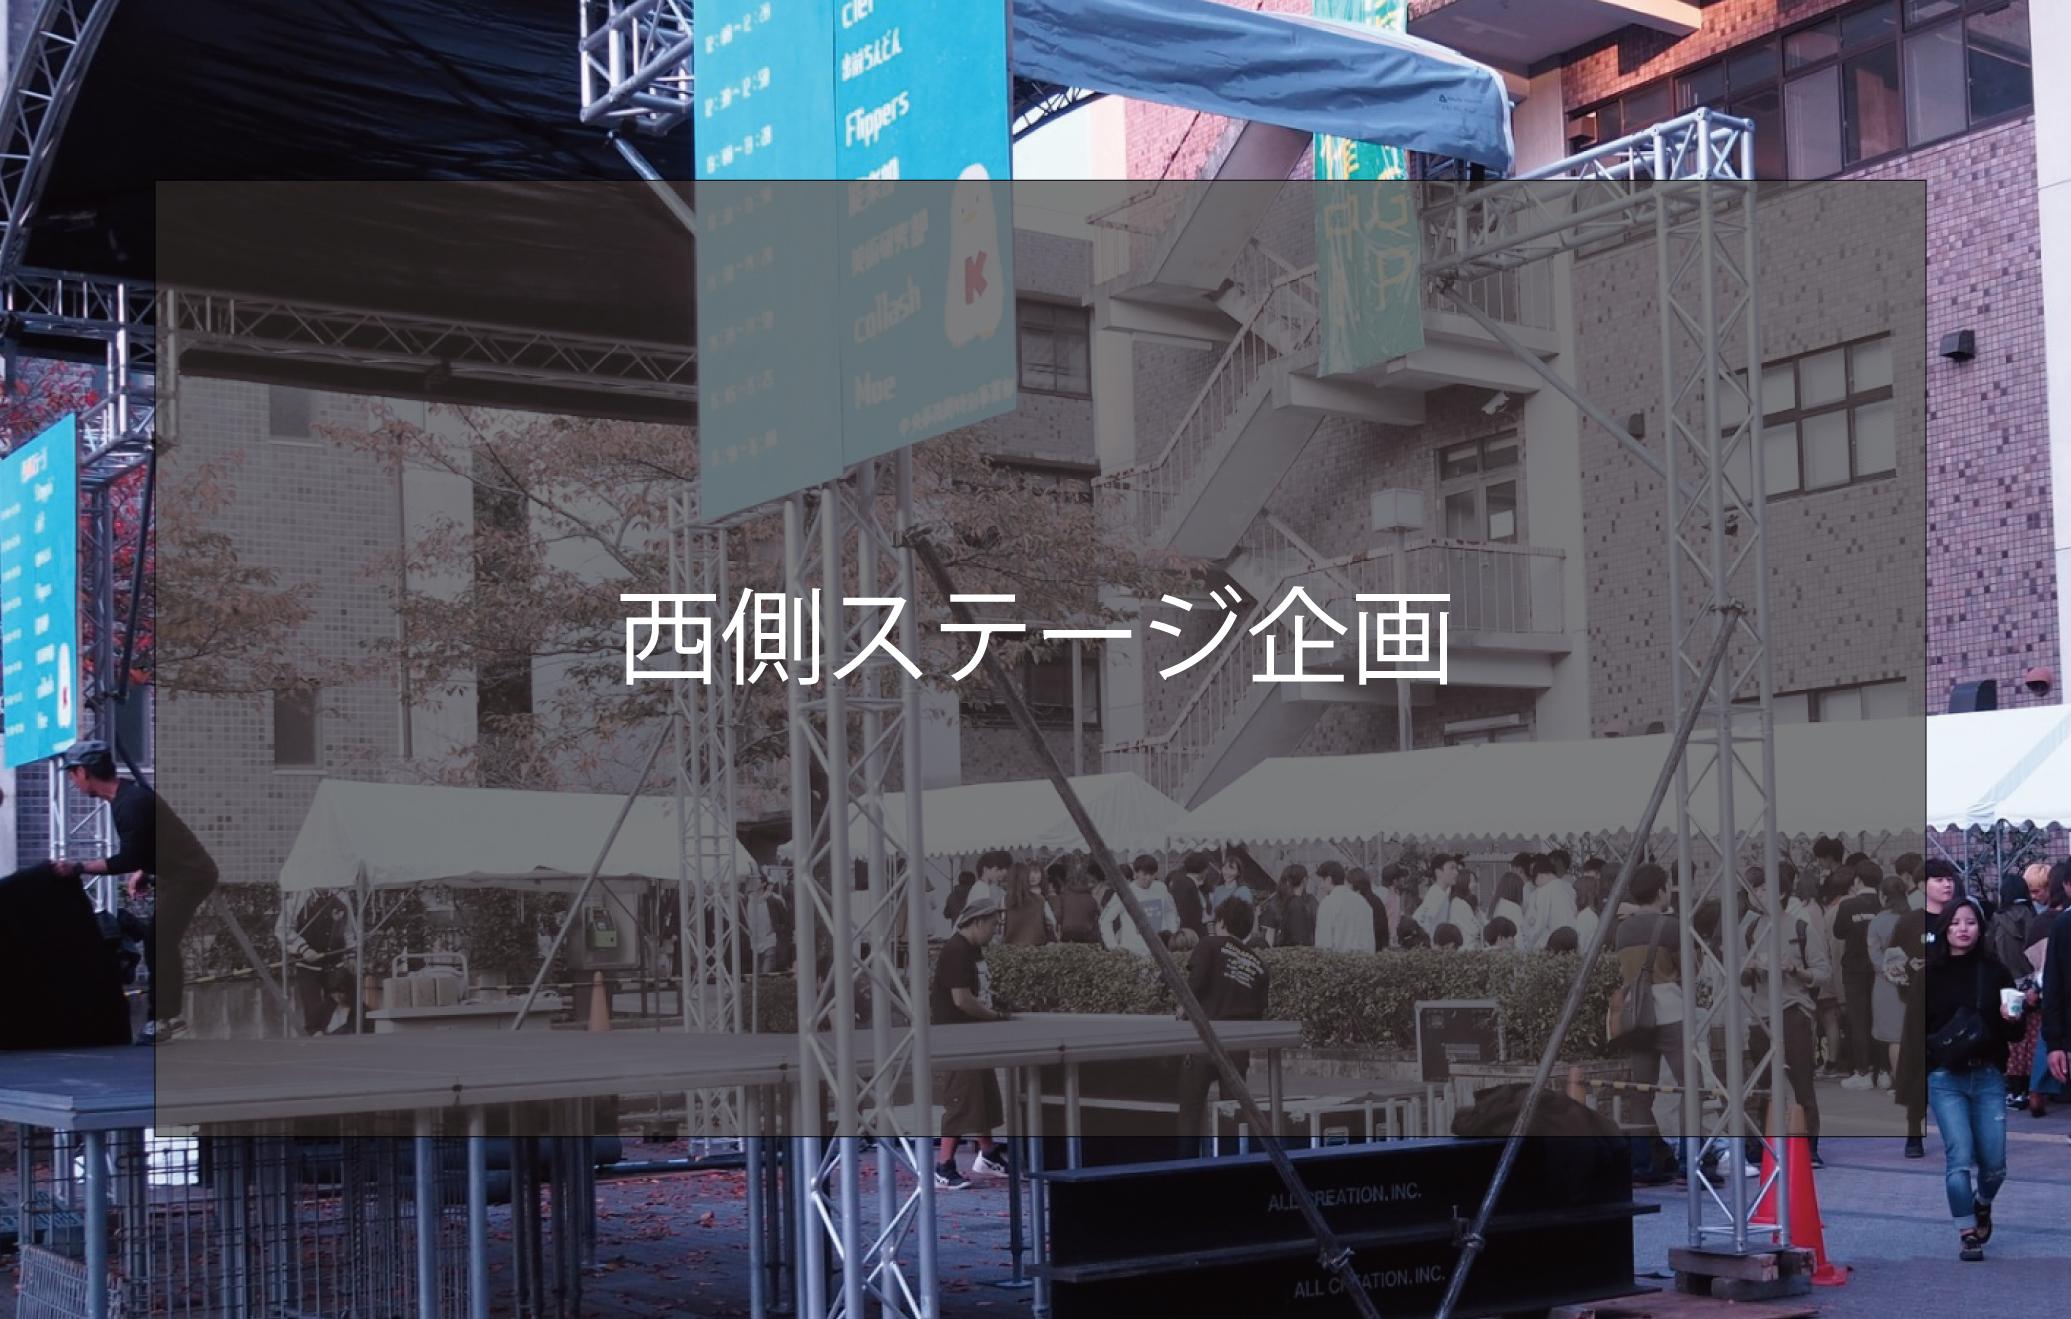 衣笠祭典 西側ステージ企画